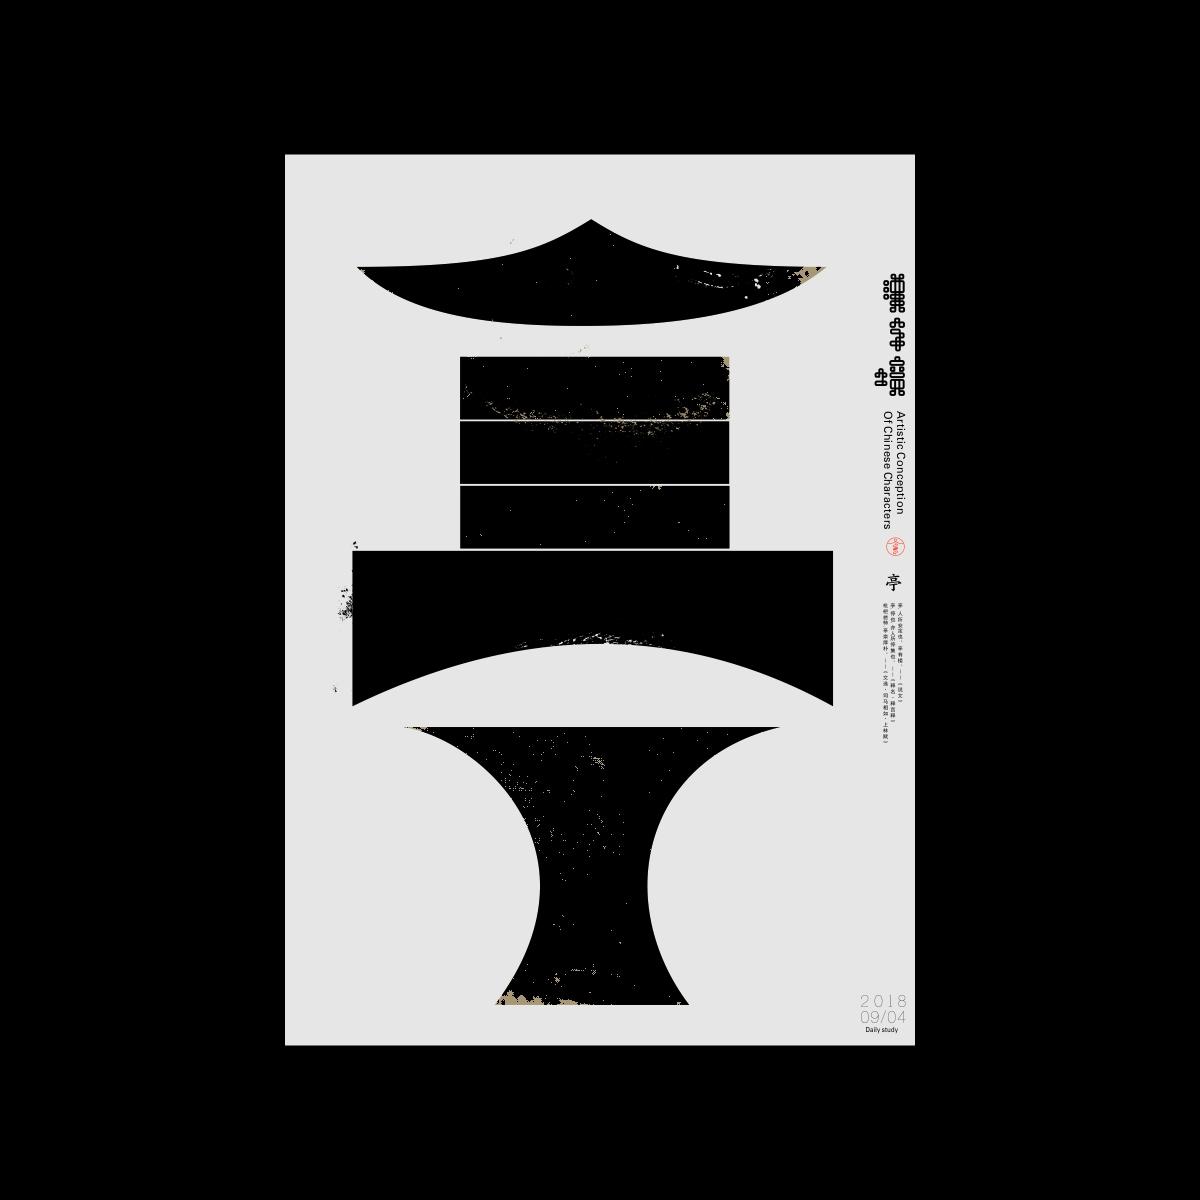 汉字境/一字禅《禹禹九月—重归初心》